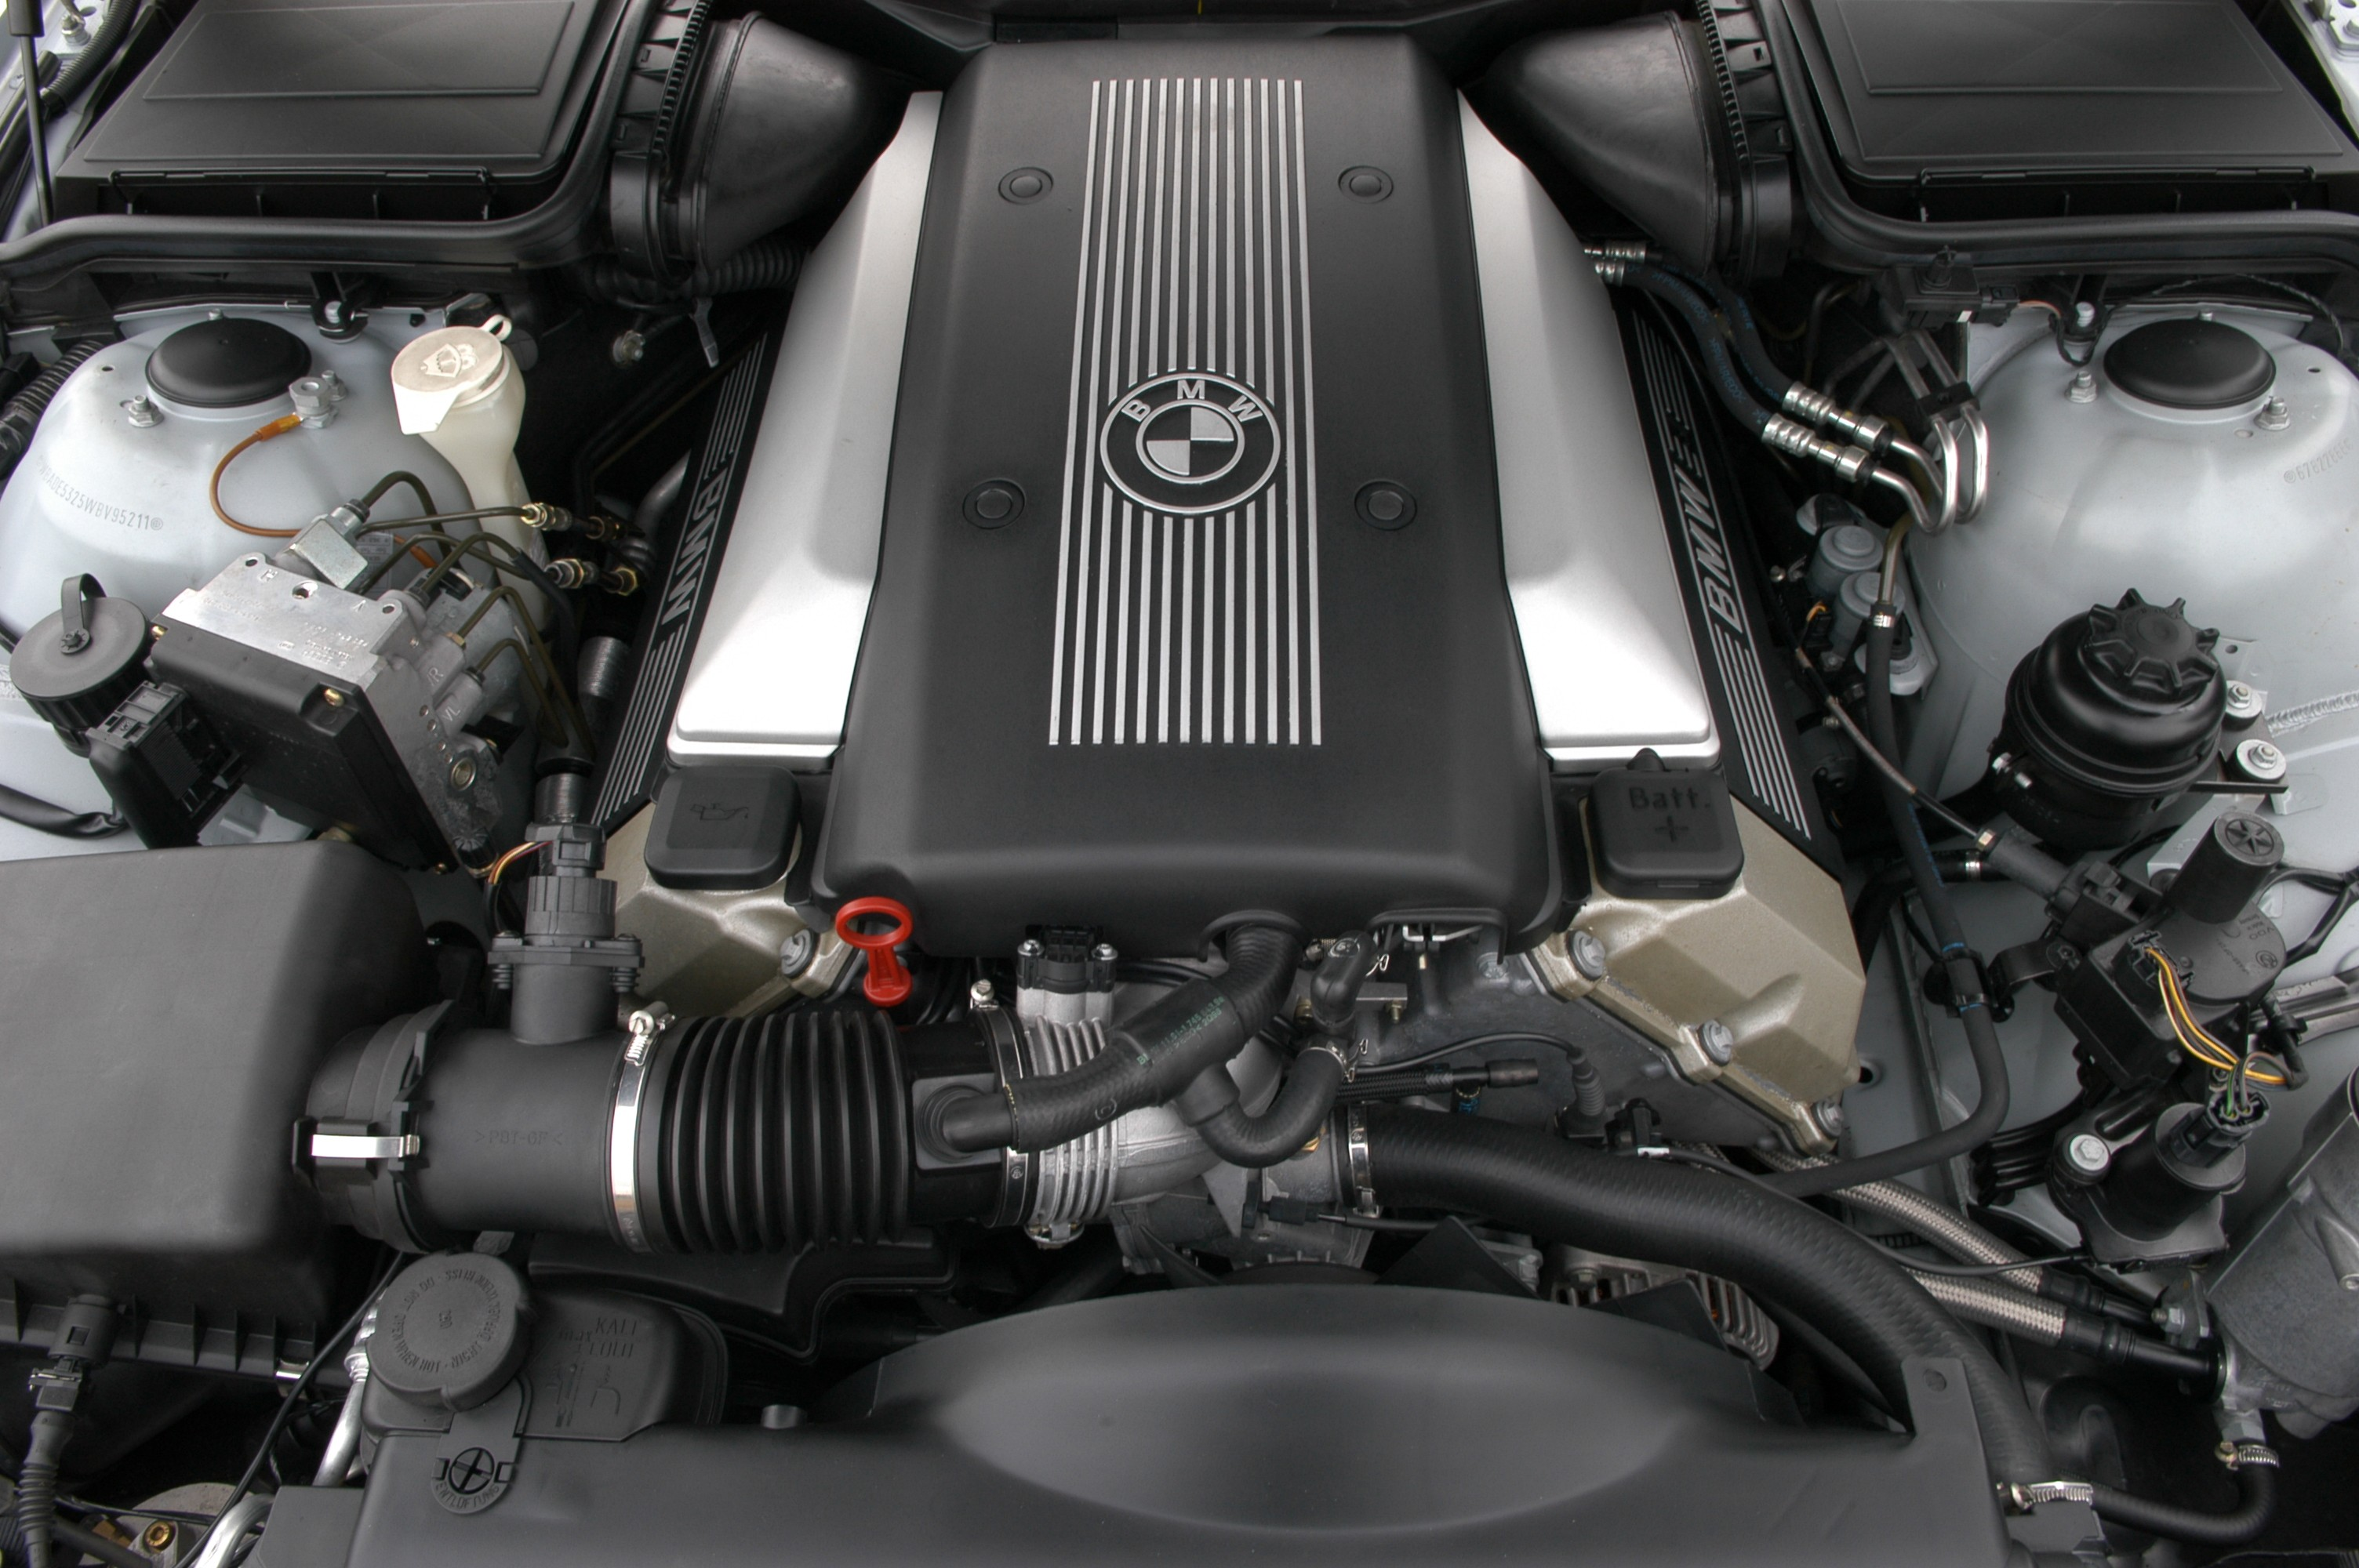 Bmw 540i Engine Diagram Bmw M62 Wikiwand Of Bmw 540i Engine Diagram